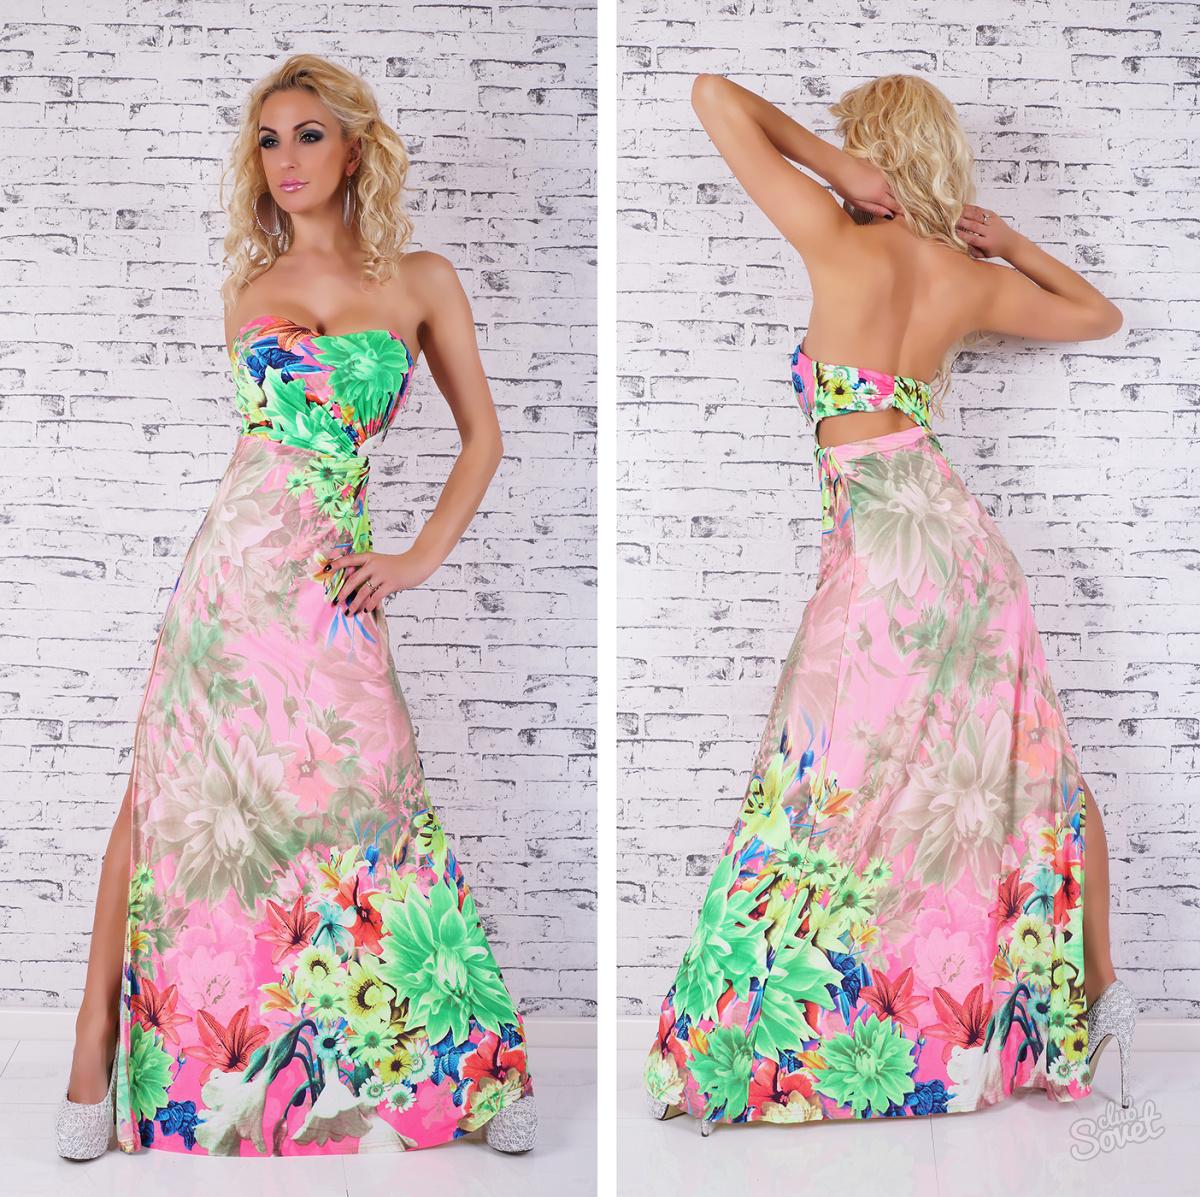 Зшити пряме довге плаття своїми руками. Як зшити плаття з трикотажу bac68be66610b